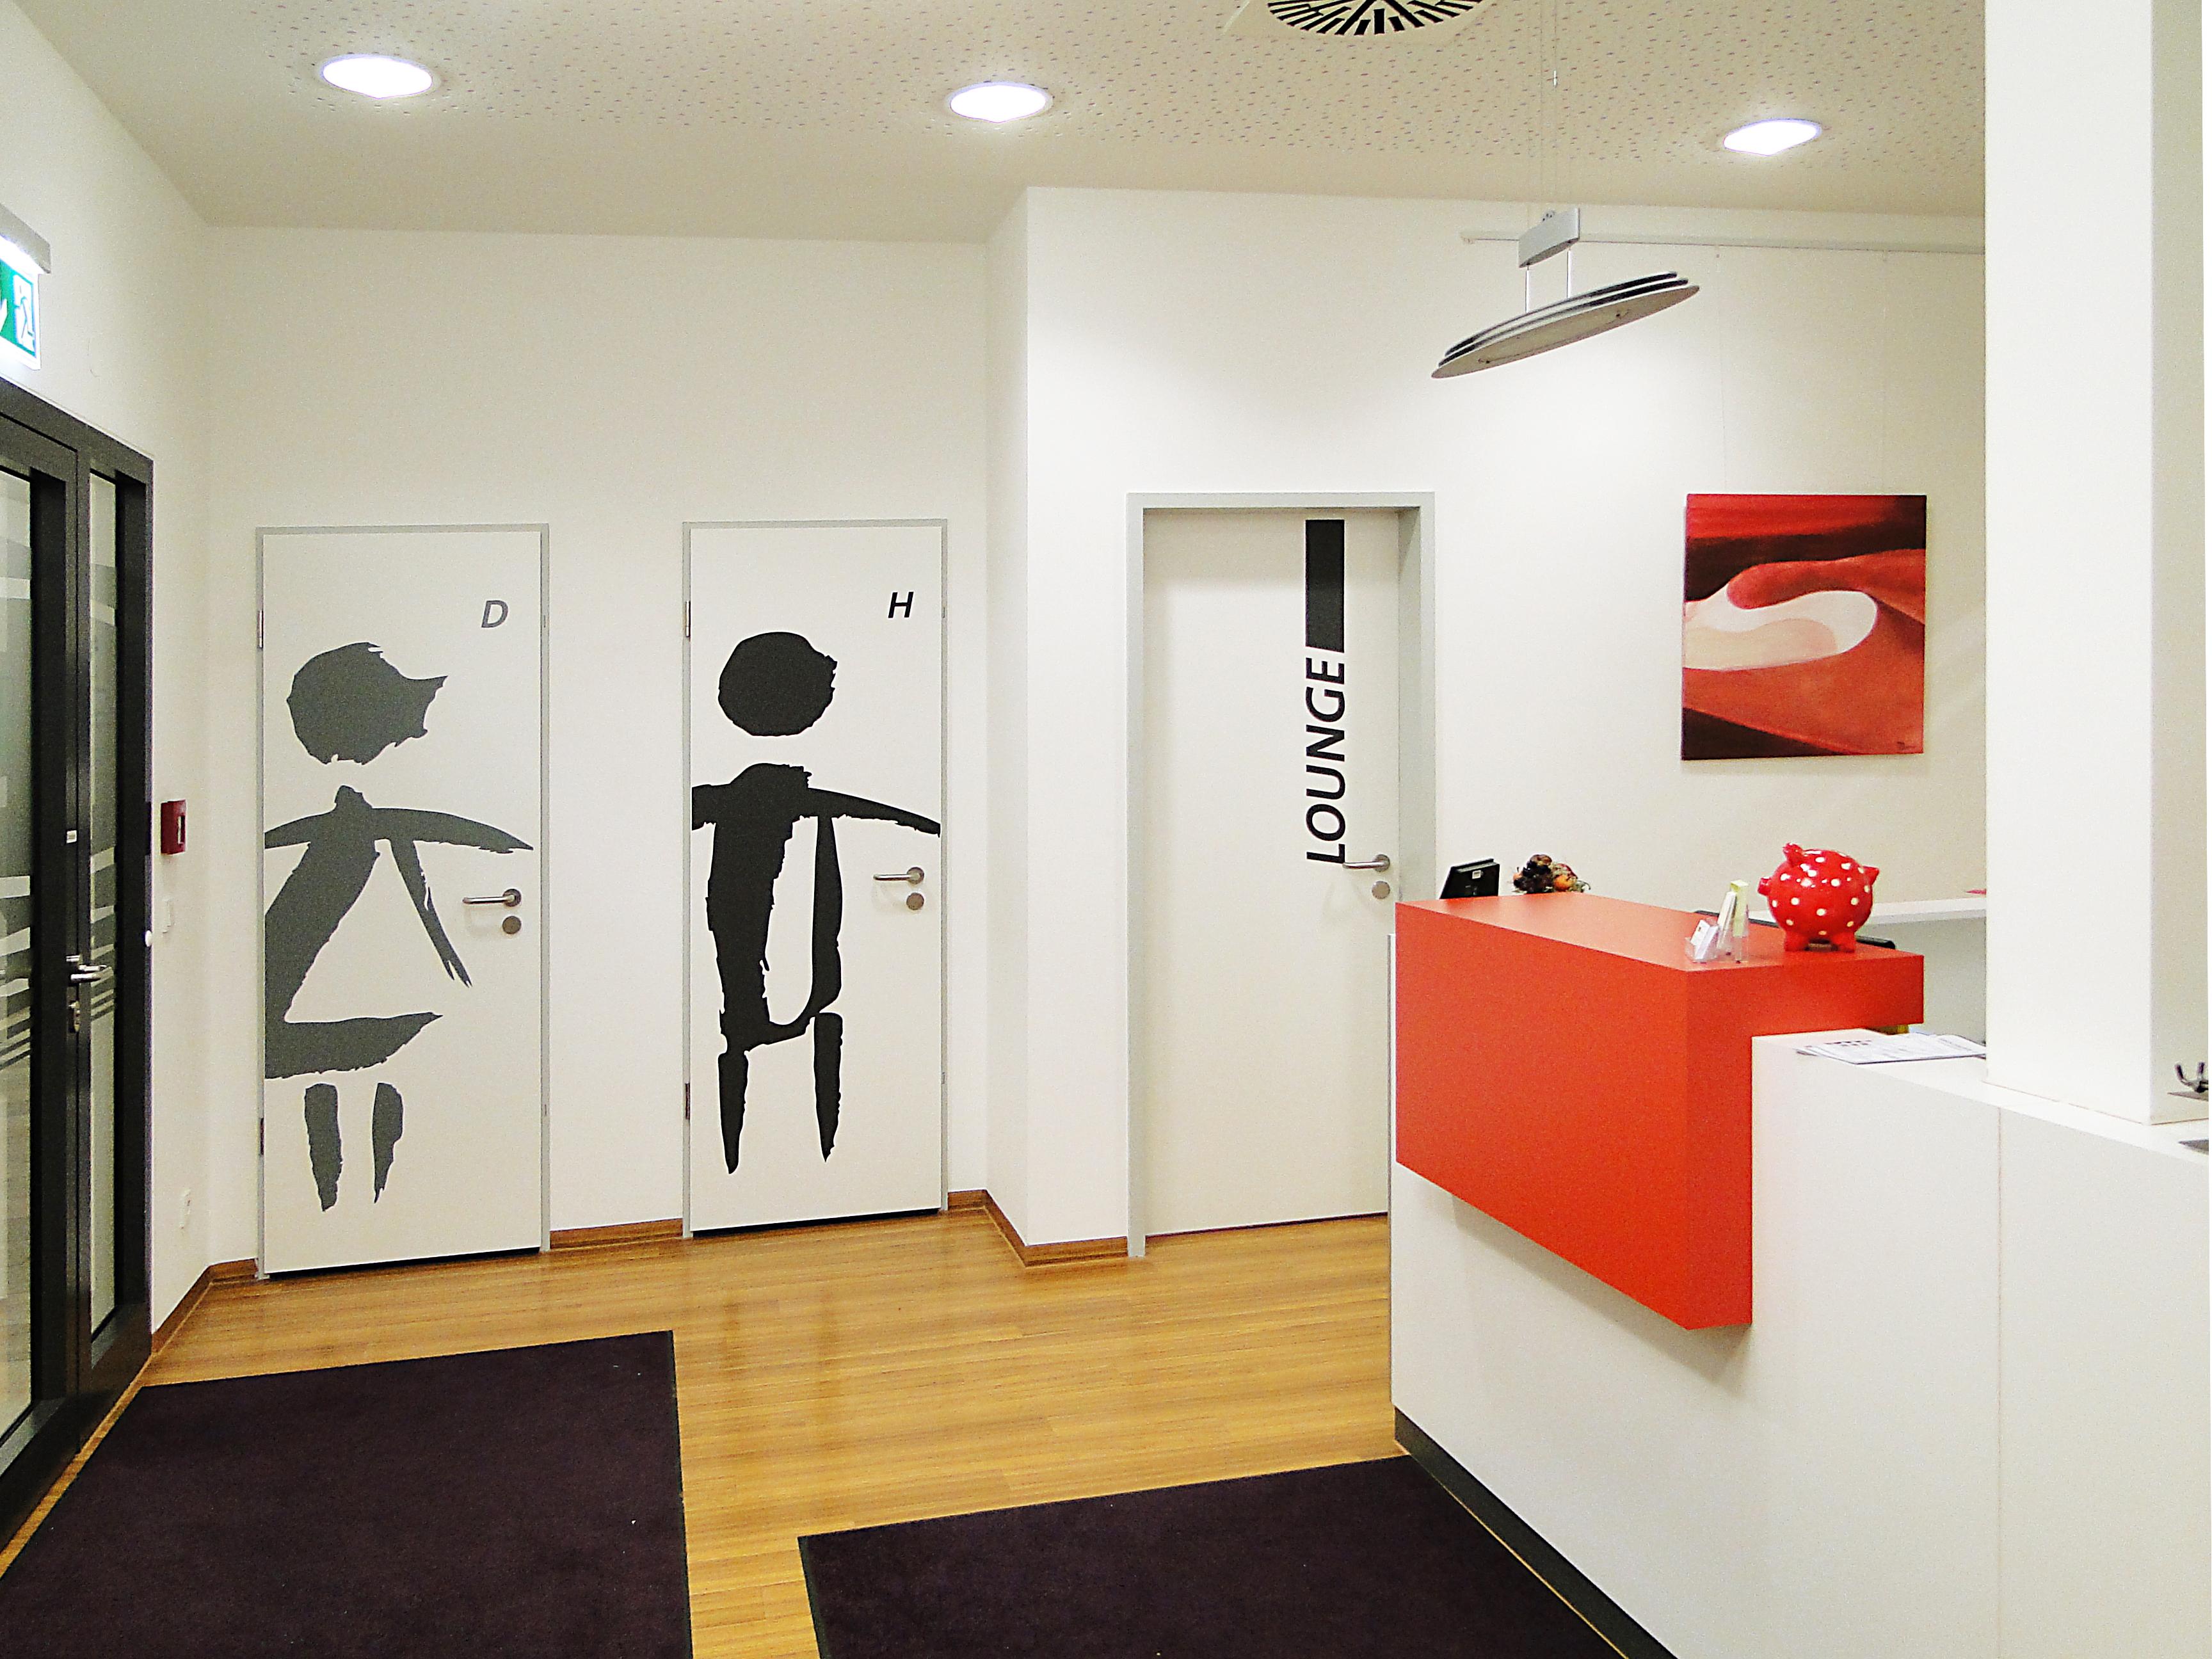 Elisee Klinik Nürnberg GmbH